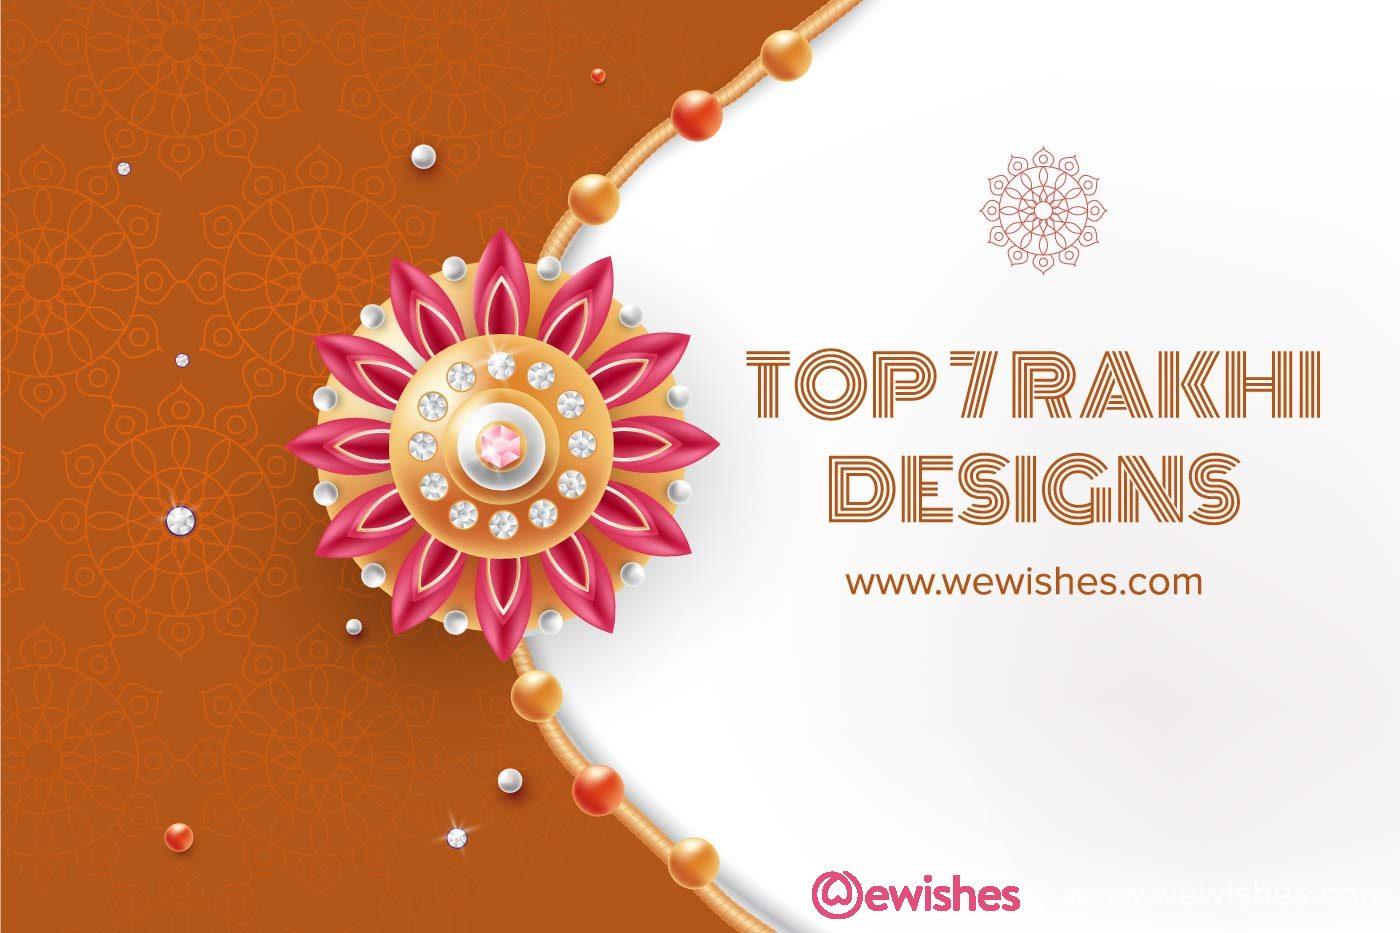 Top 7 rakhi design for Raksha Bandhan